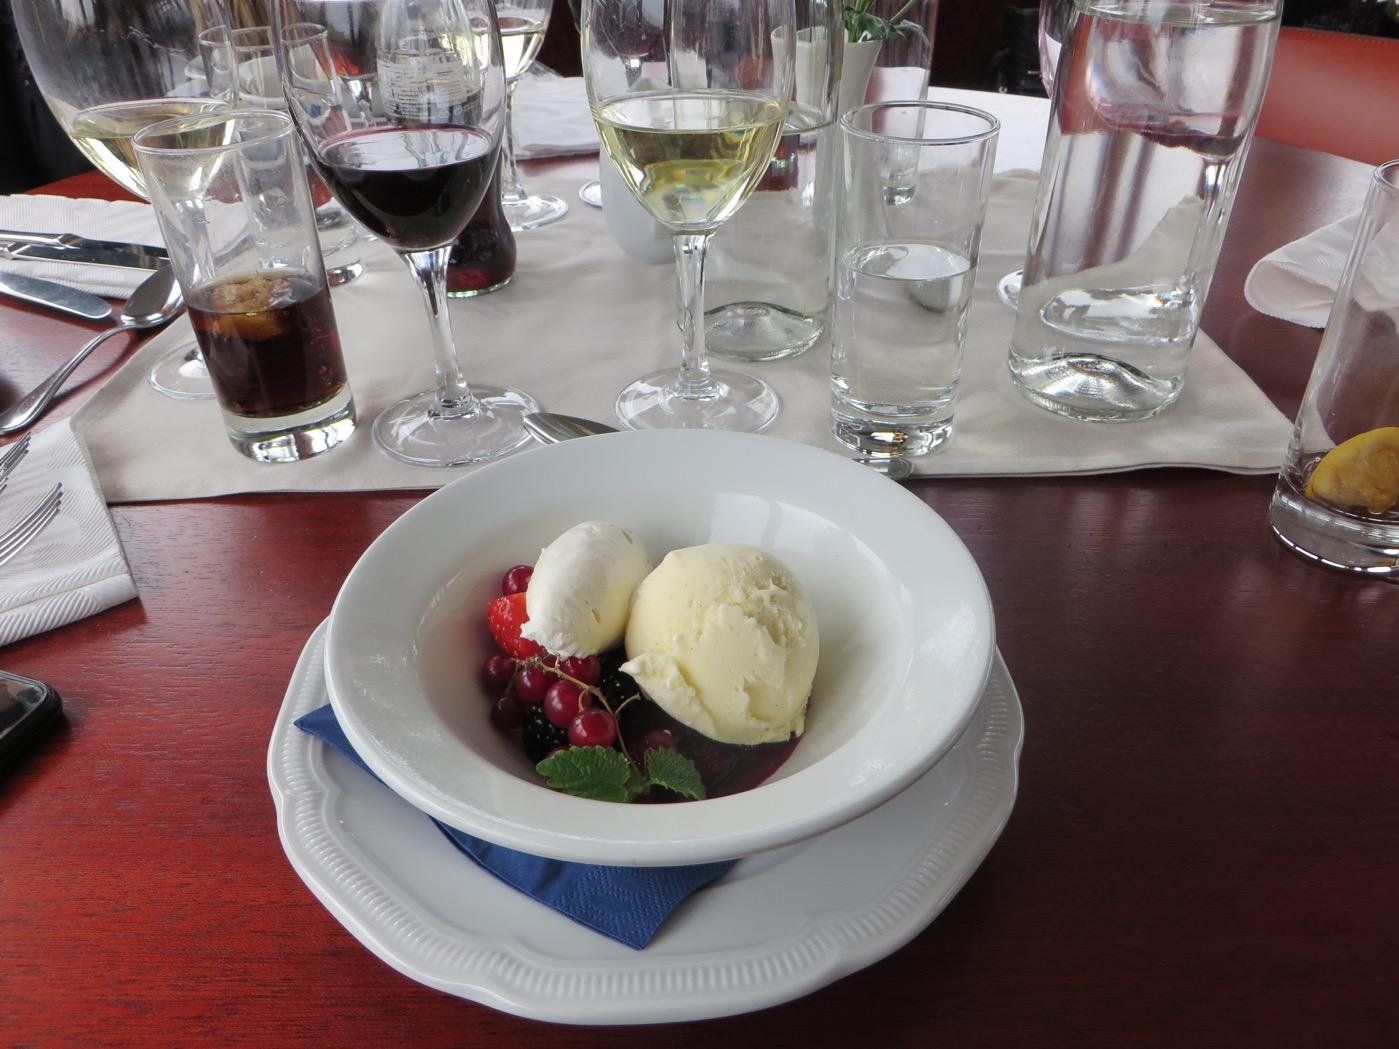 Efterrätten som var vaniljglass, grädde och svenska bär.